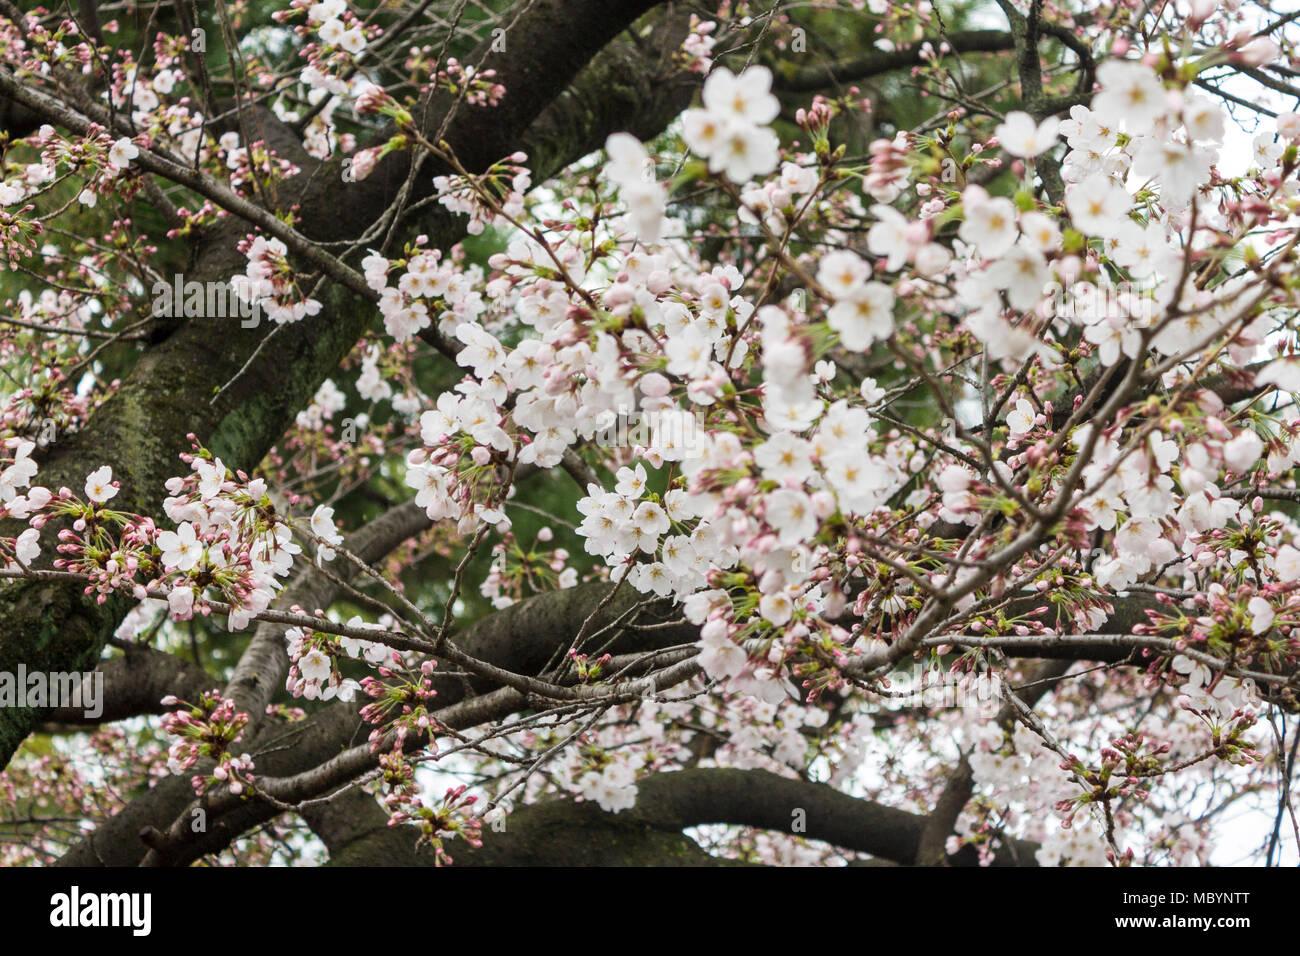 Les fleurs de cerisier sakura blanc à Hanami la saison du printemps à Kyoto, Japon Photo Stock